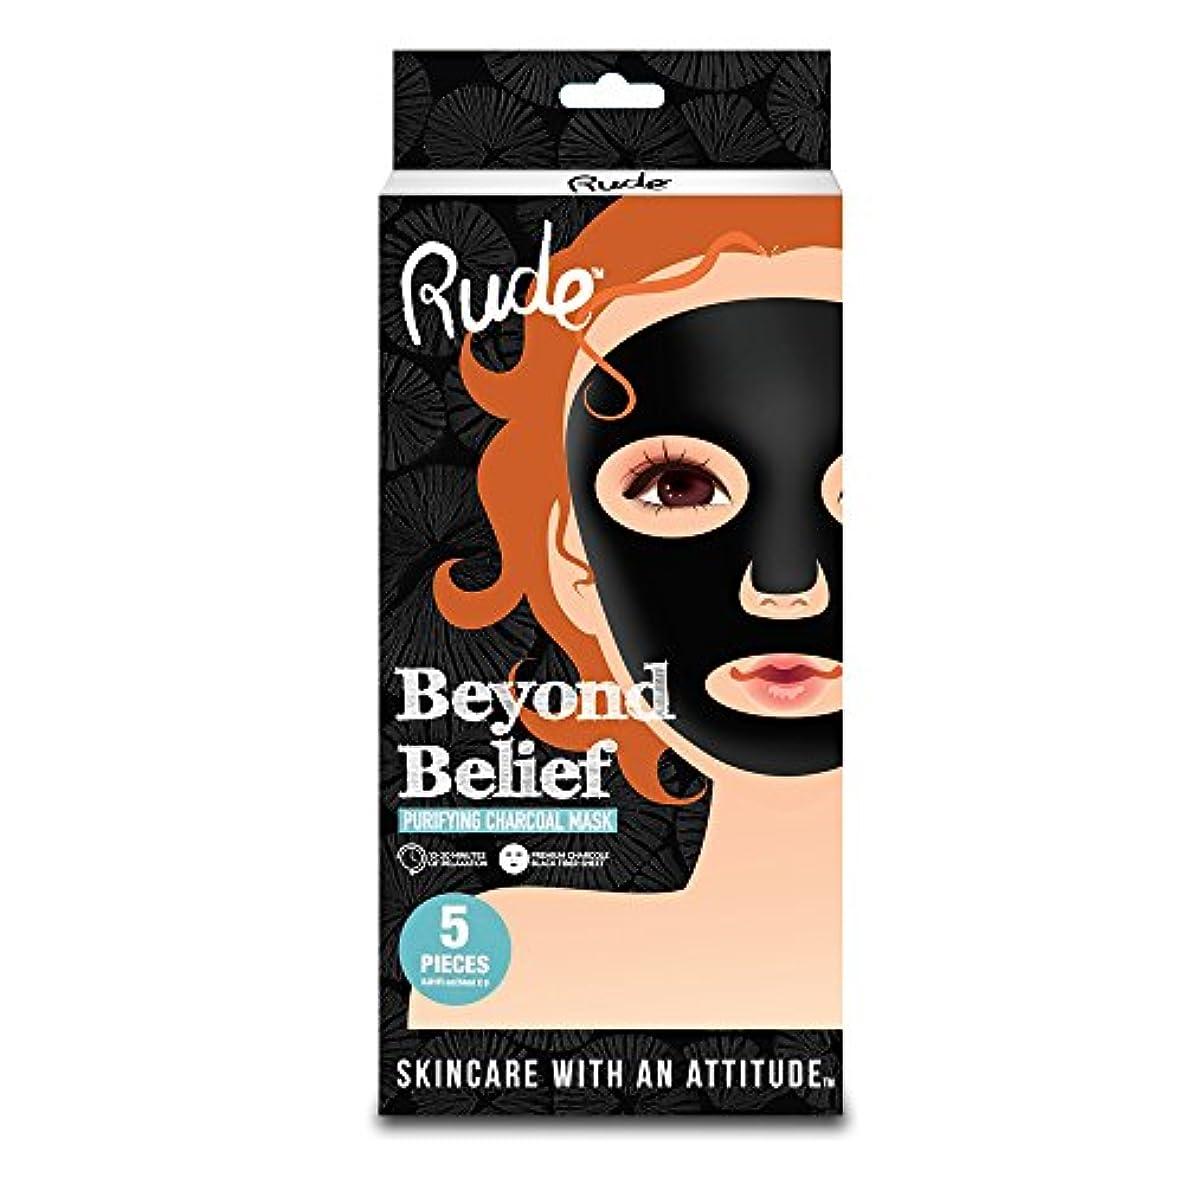 シェルター流産カストディアンRUDE Beyond Belief Purifying Charcoal Mask 5 Piece Pack (並行輸入品)